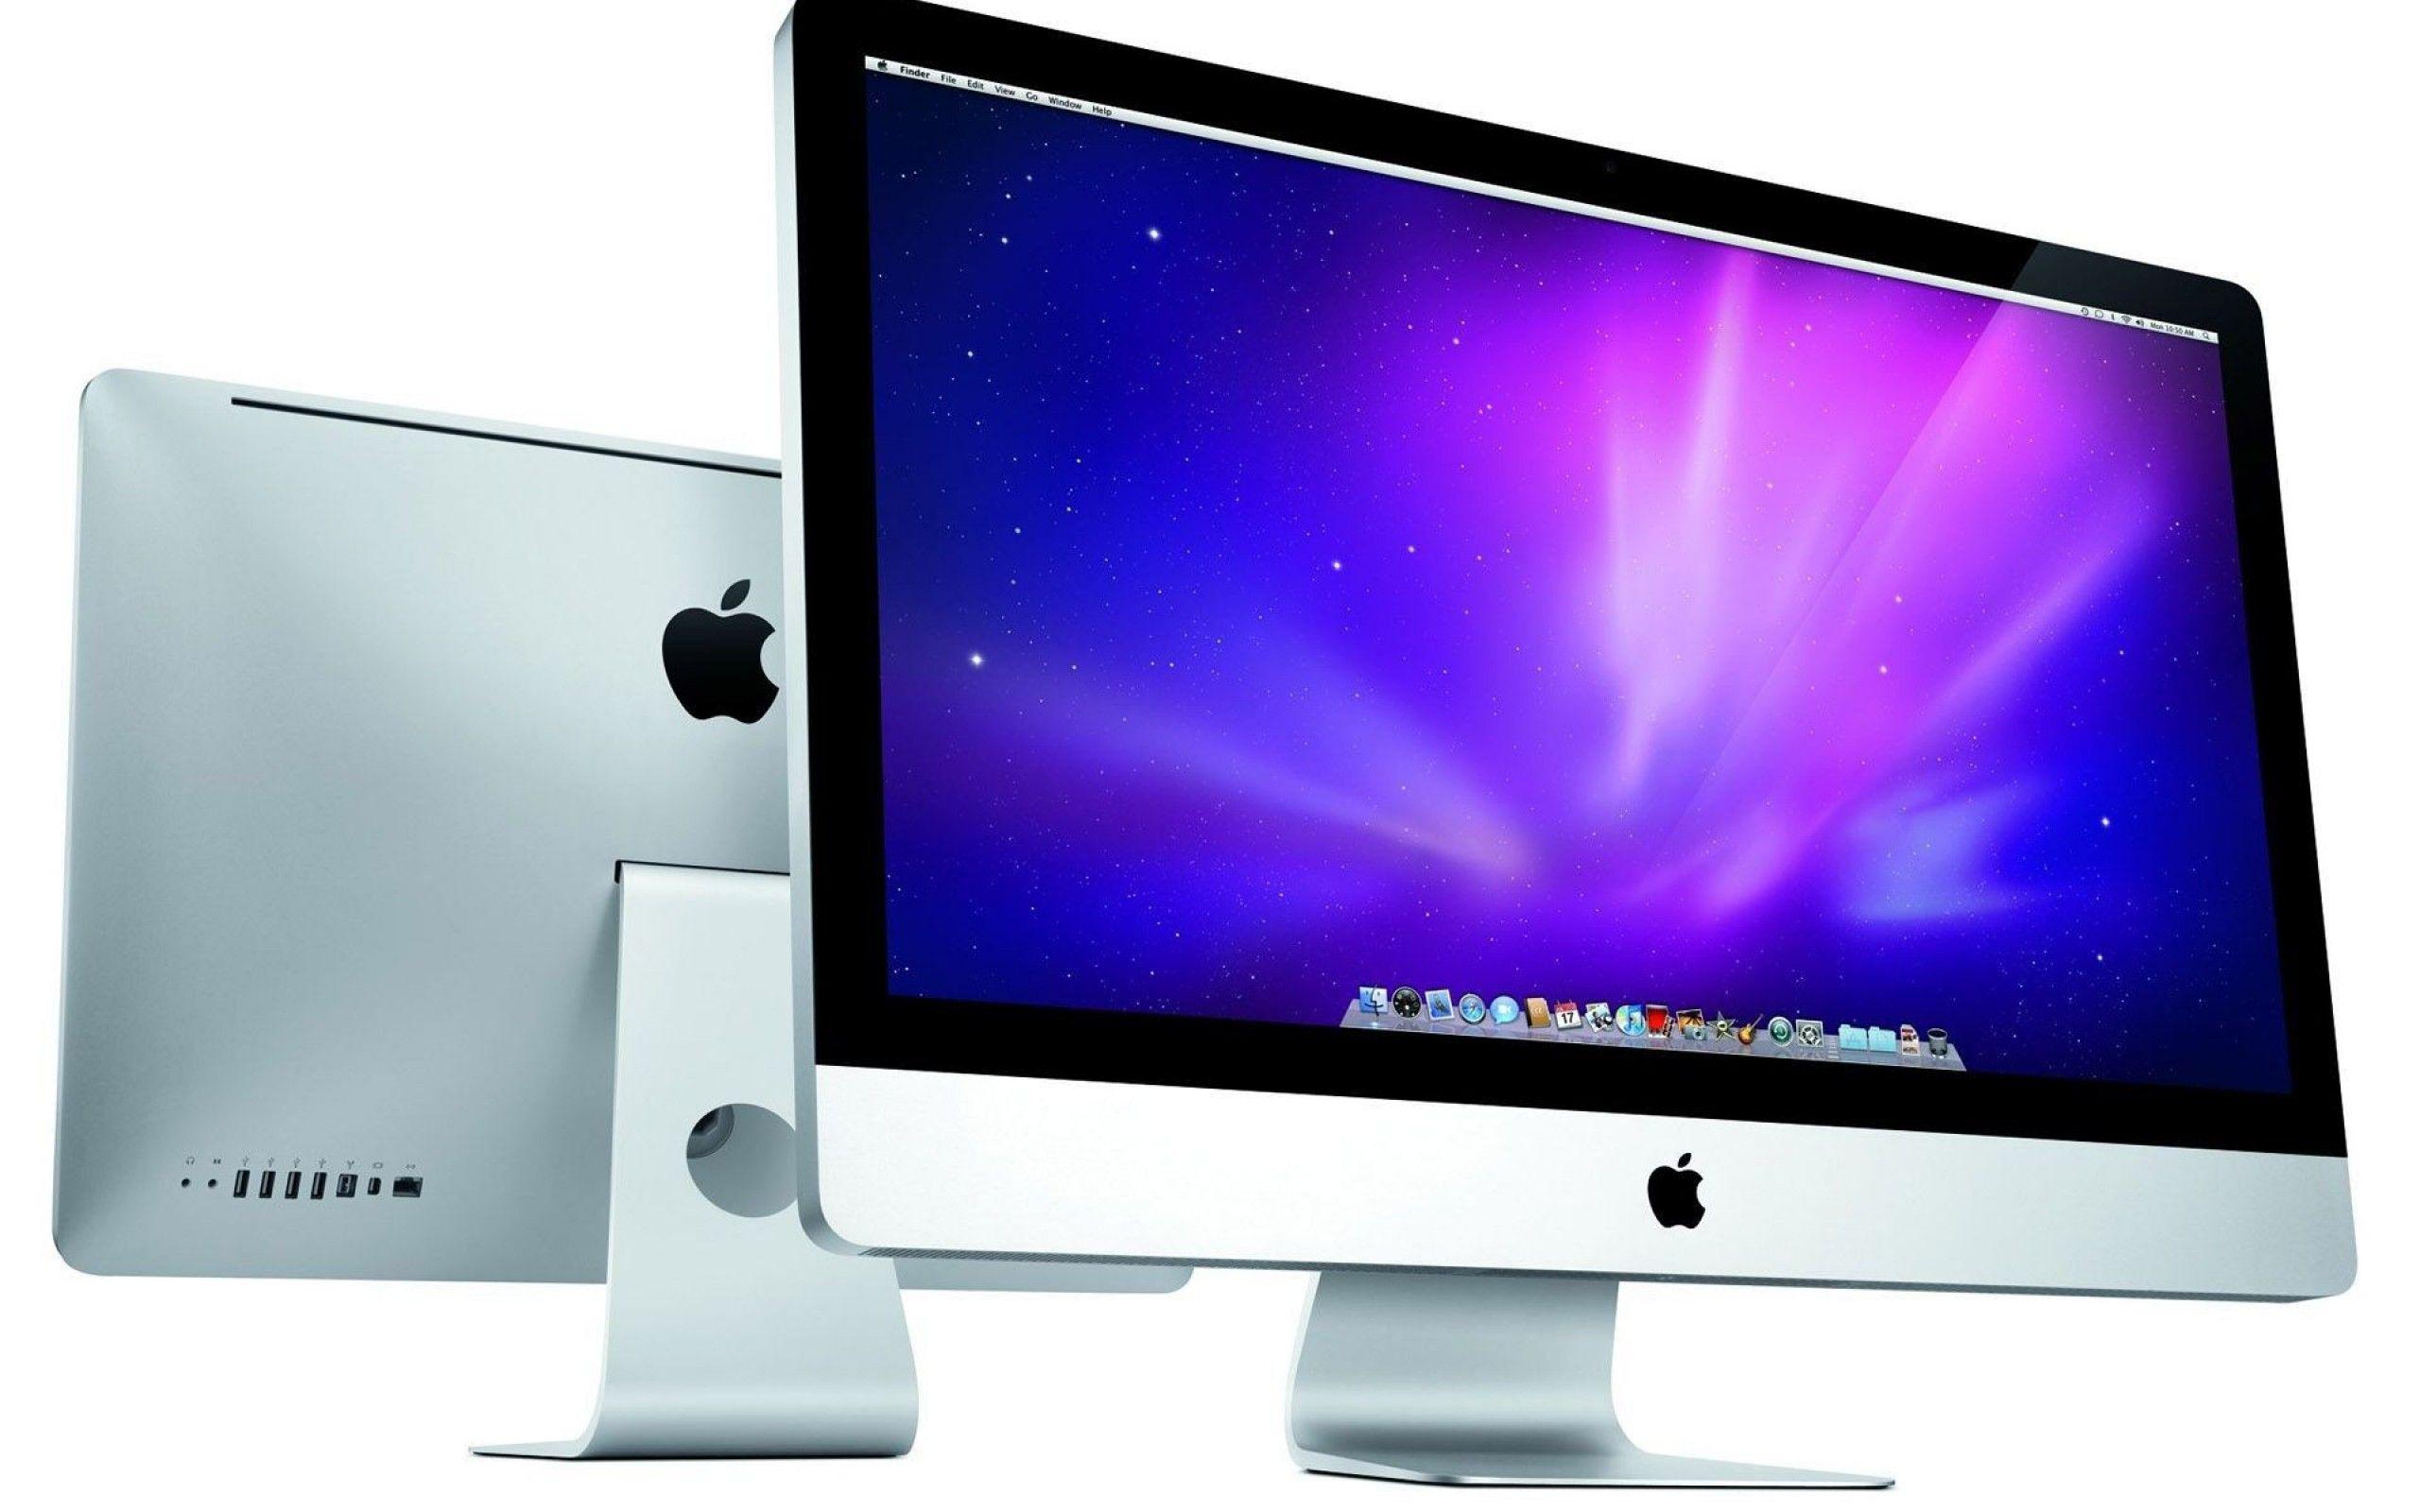 i mac 22 model only 1899 at best buy apple pinterest apple rh pinterest com